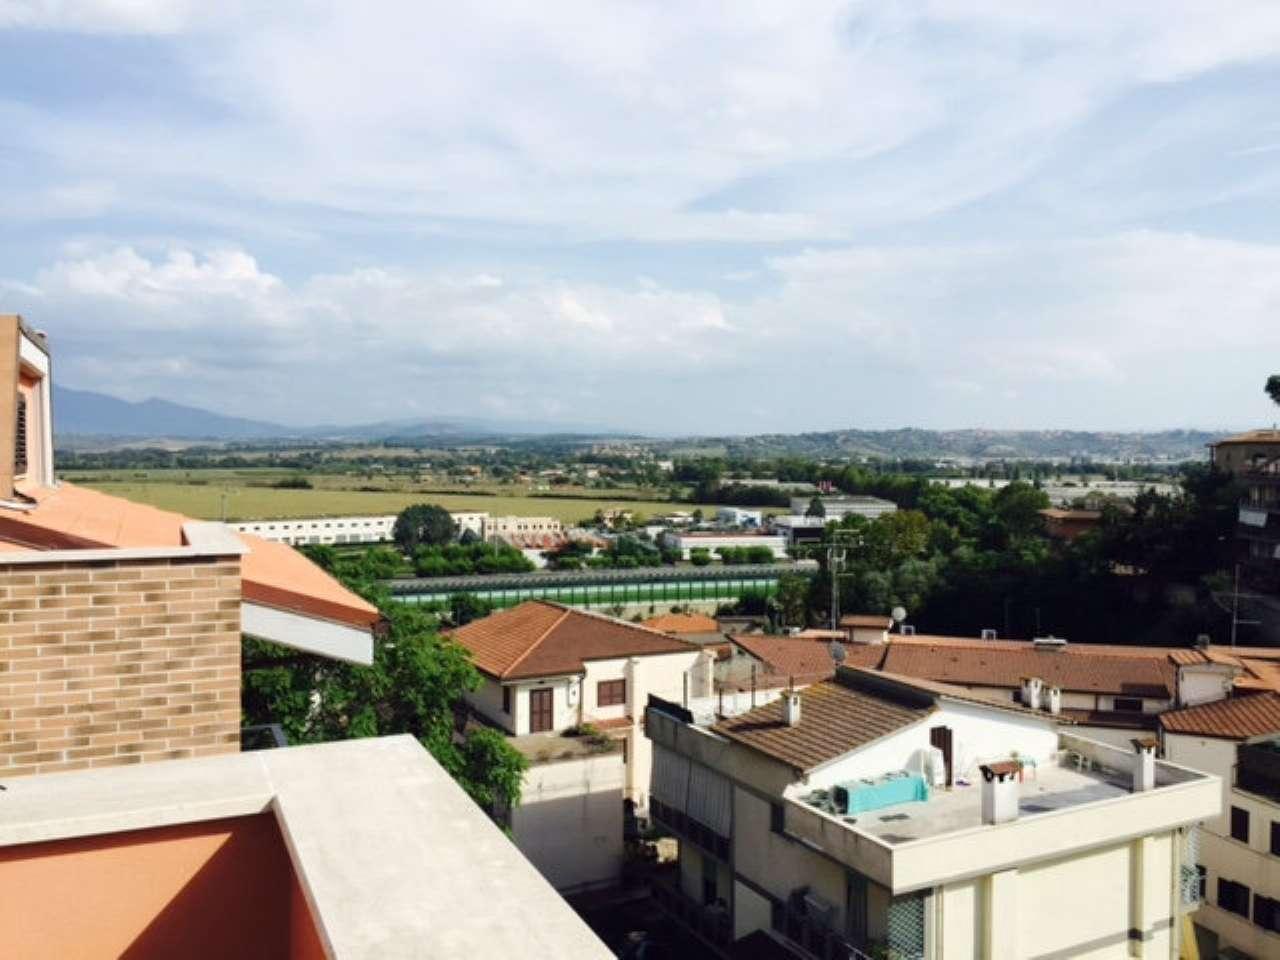 Appartamento in vendita a Castelnuovo di Porto, 3 locali, prezzo € 89.000 | CambioCasa.it